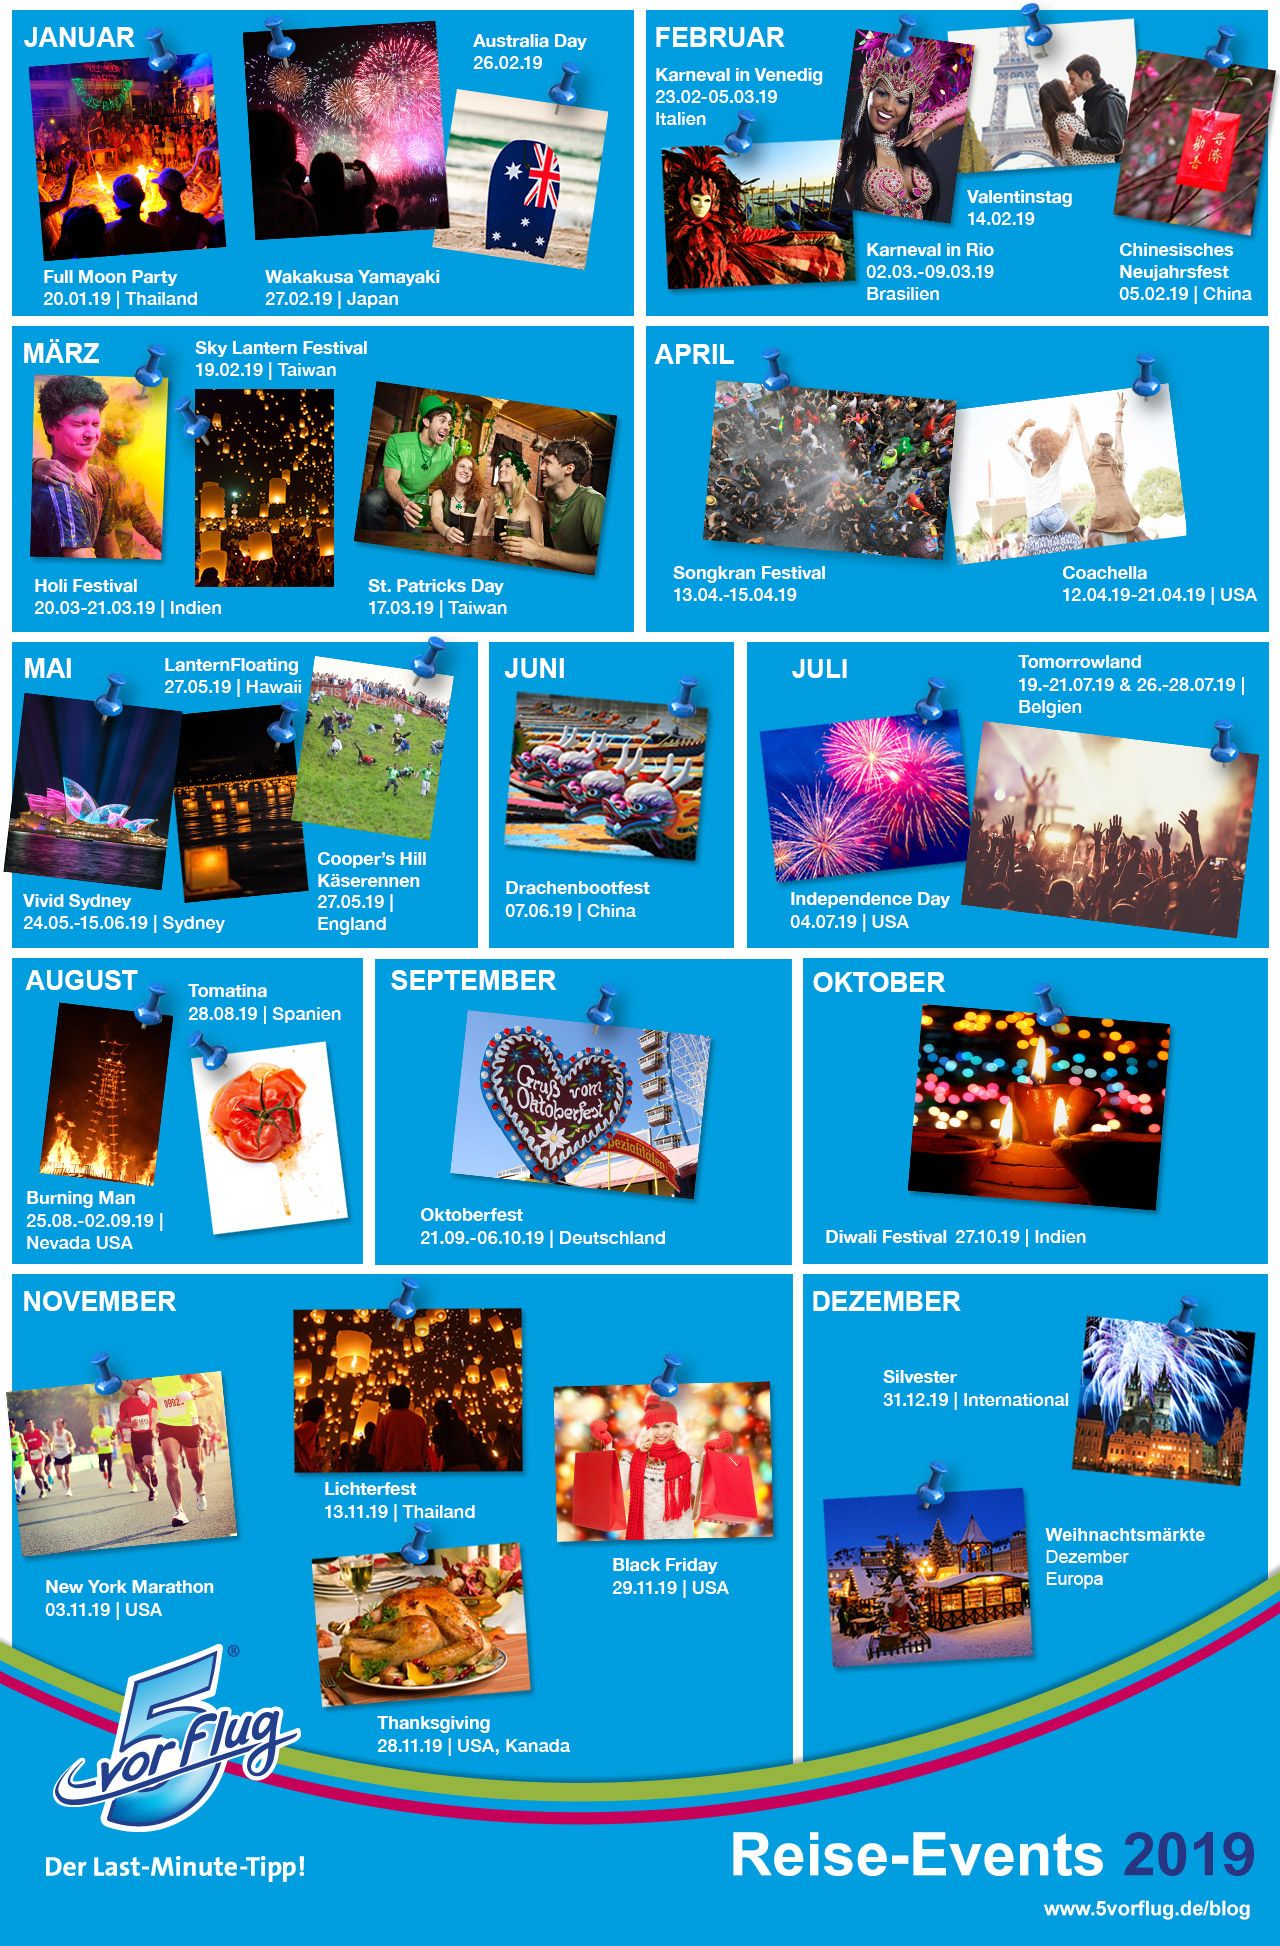 Reise-Eventkalender 2019